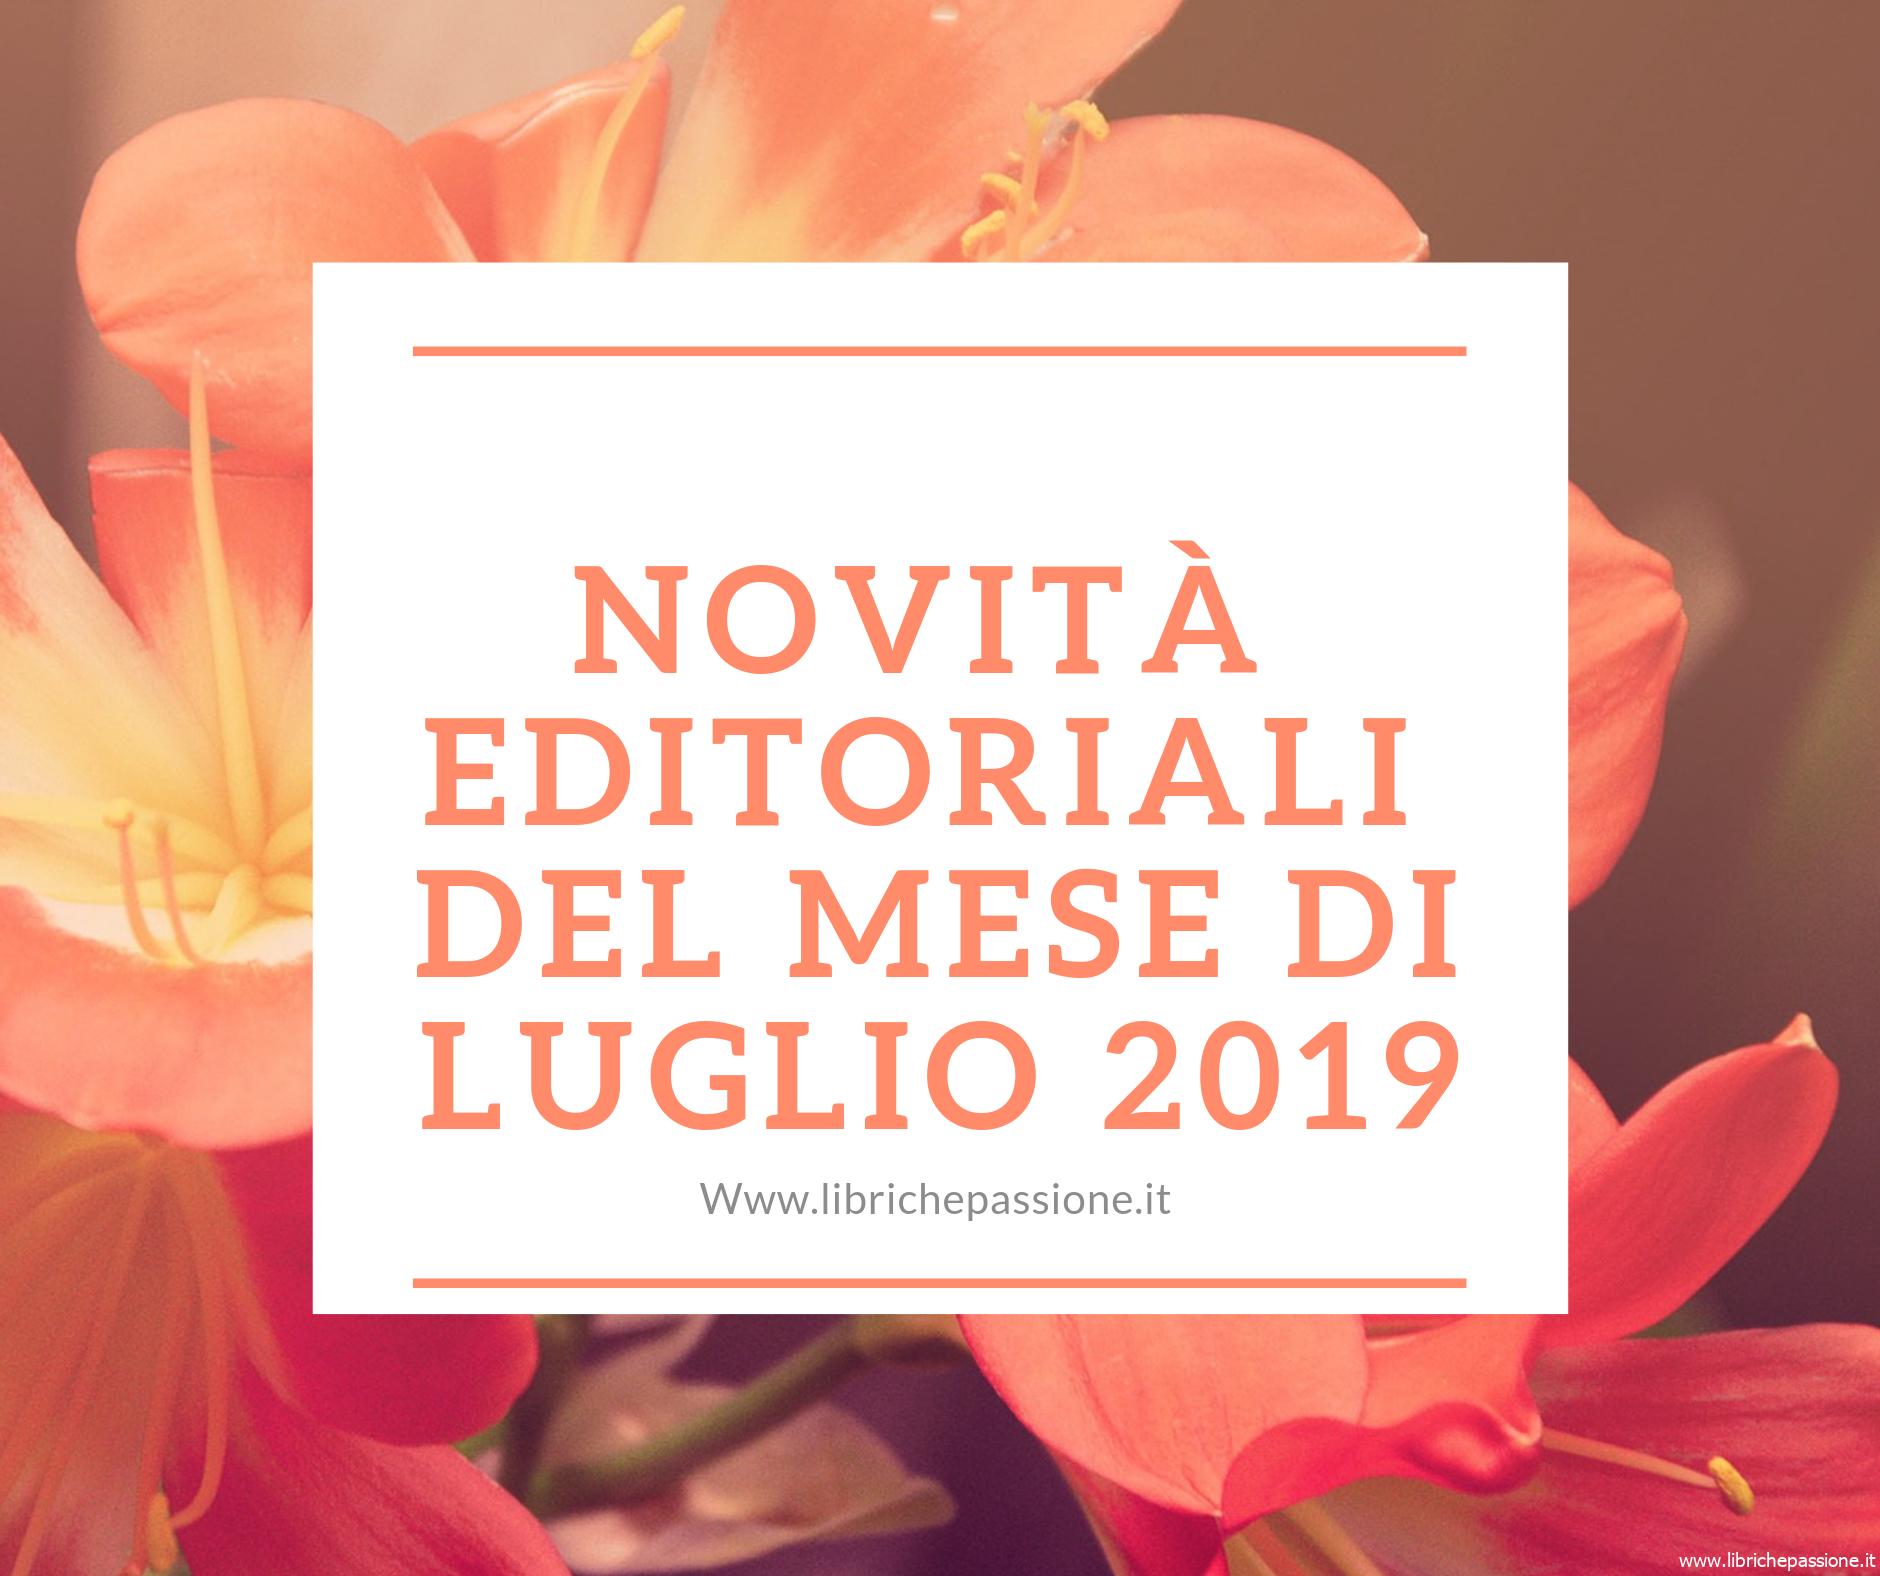 Novità in libreria luglio 2019